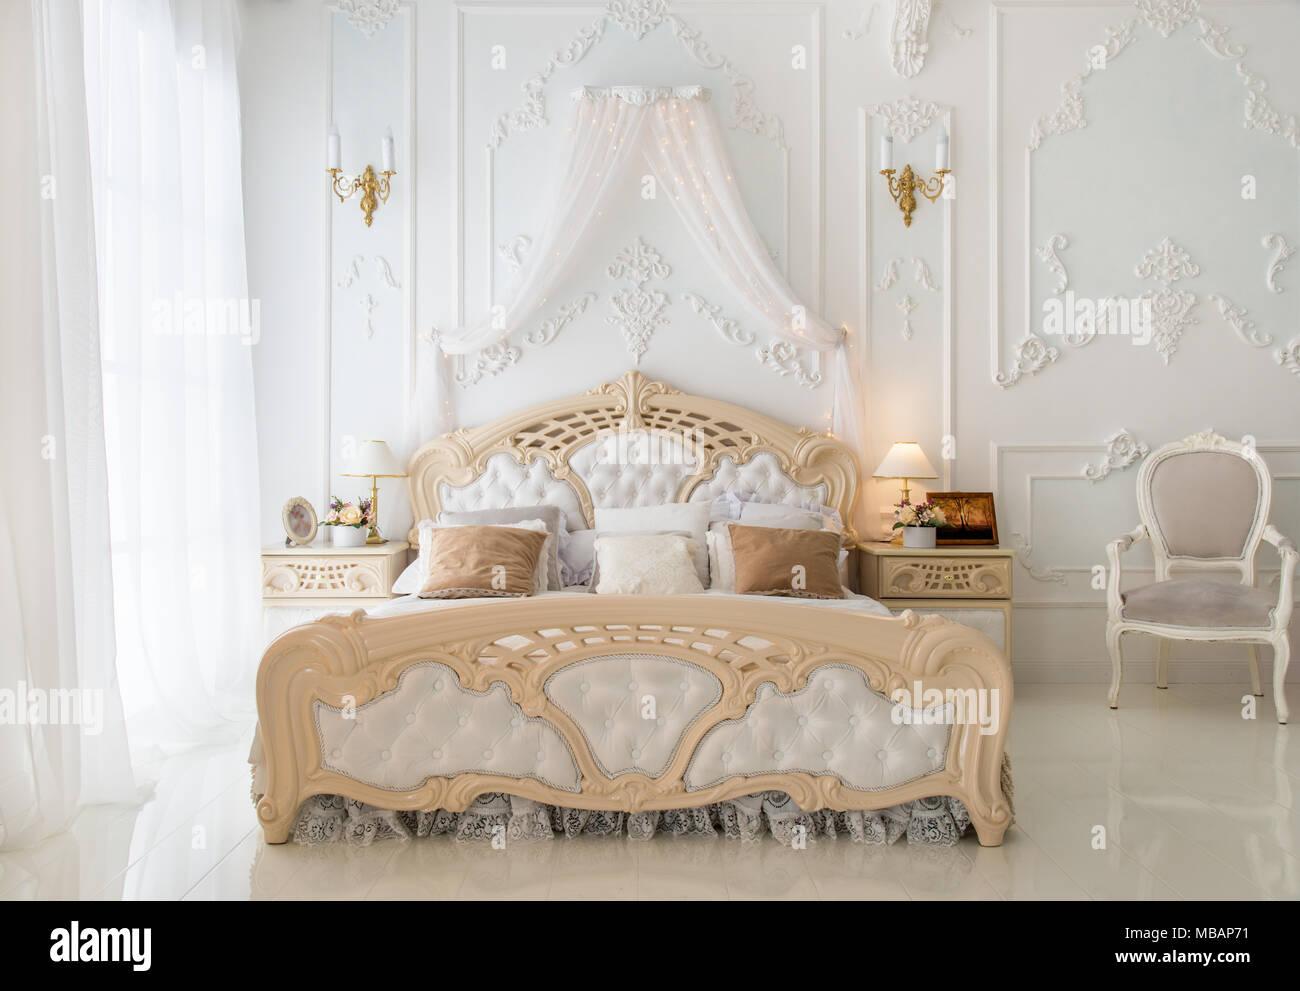 Camere Da Letto Arredate Vintage : Luxury retro bianco camera da letto al mattino foto immagine